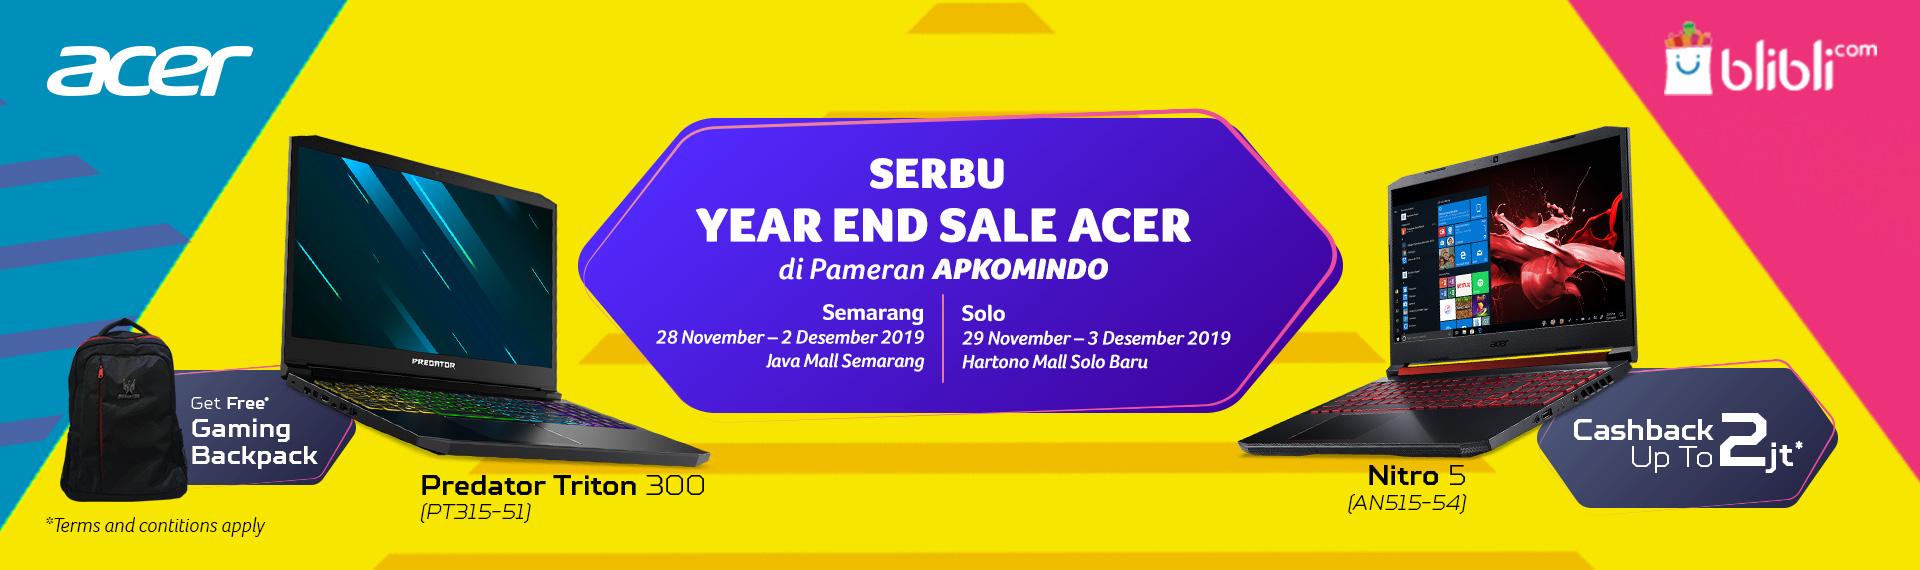 Serbu Year End Sale Acer di Pameran APKOMINDO Semarang dan Solo!